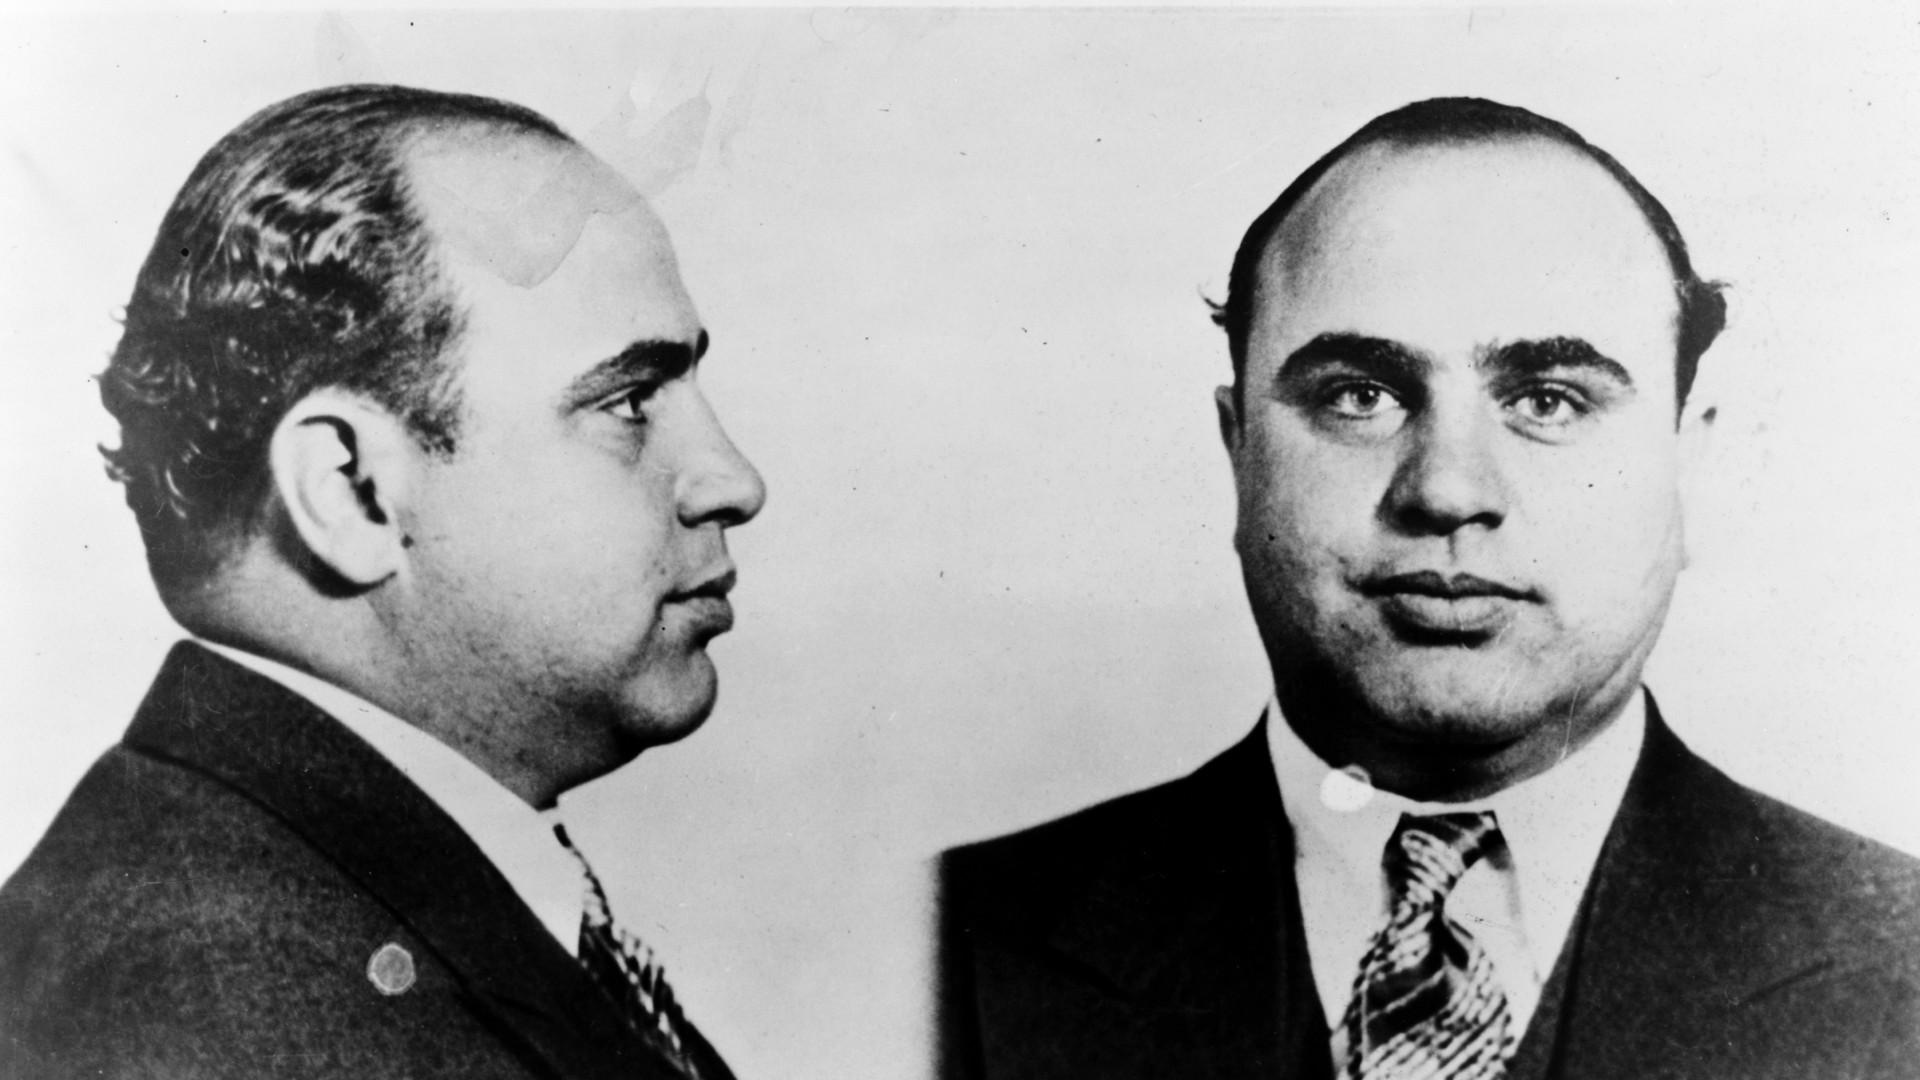 Al Capone… ¿que estás en los cielos?